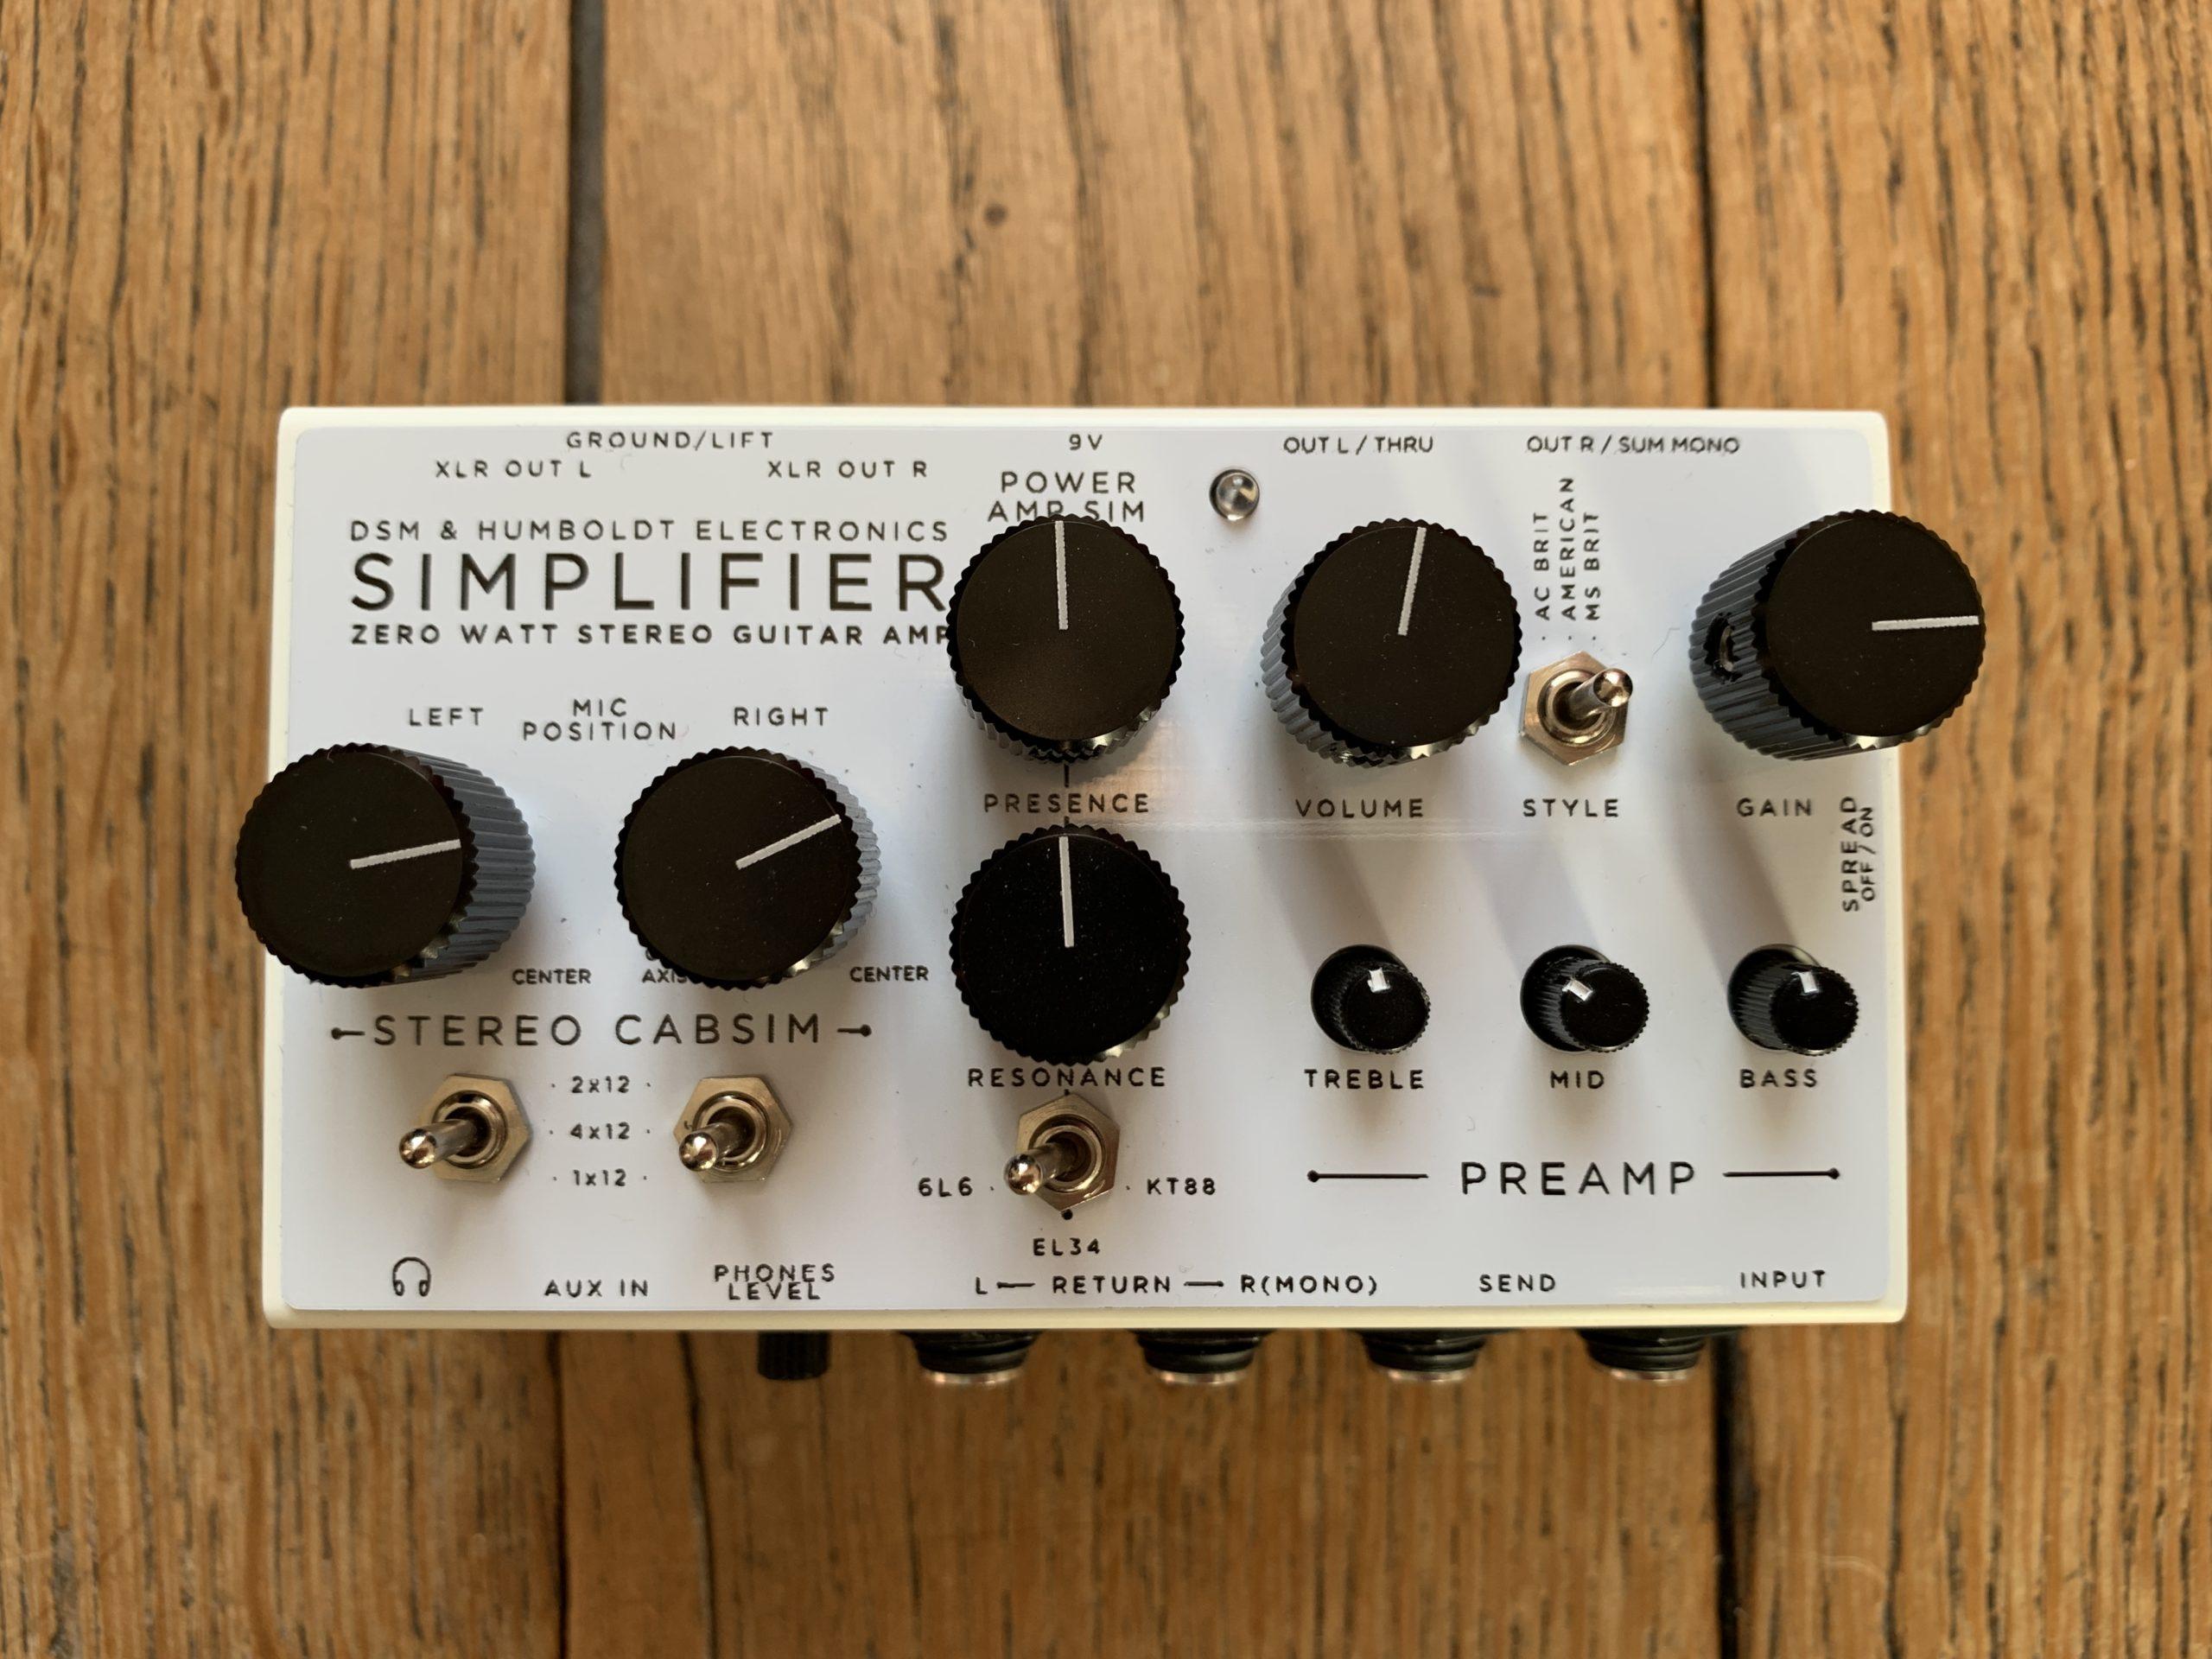 Simplifier Zero Watt DSM & Humboldt guitar preamp review